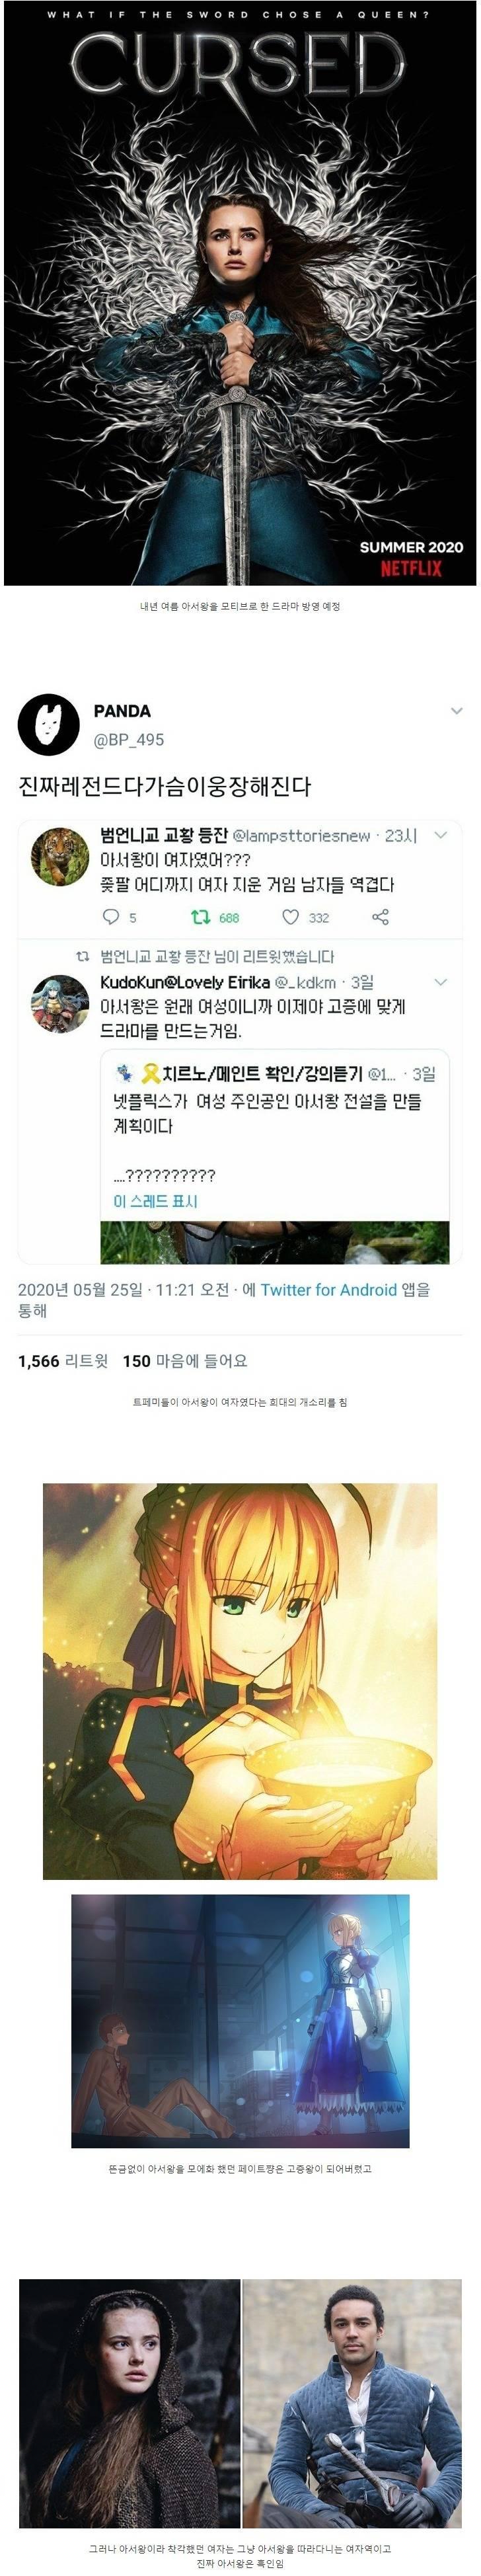 넷플릭스 방영 예정작 아서왕